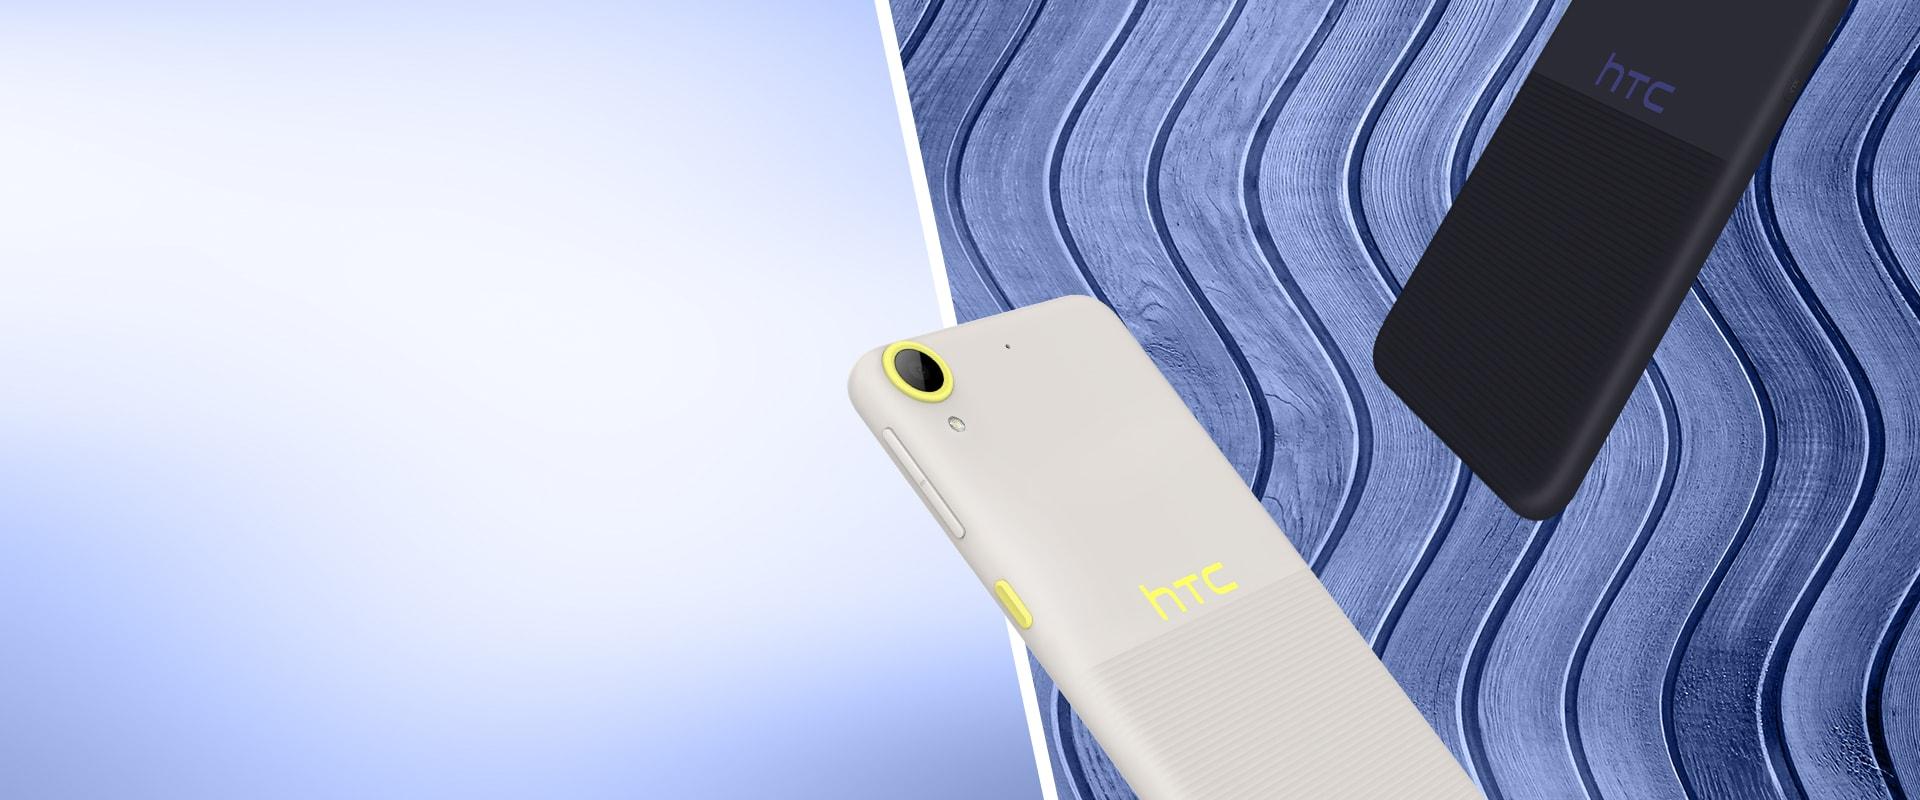 htc-desire-650-pdp-fun-meet-functional